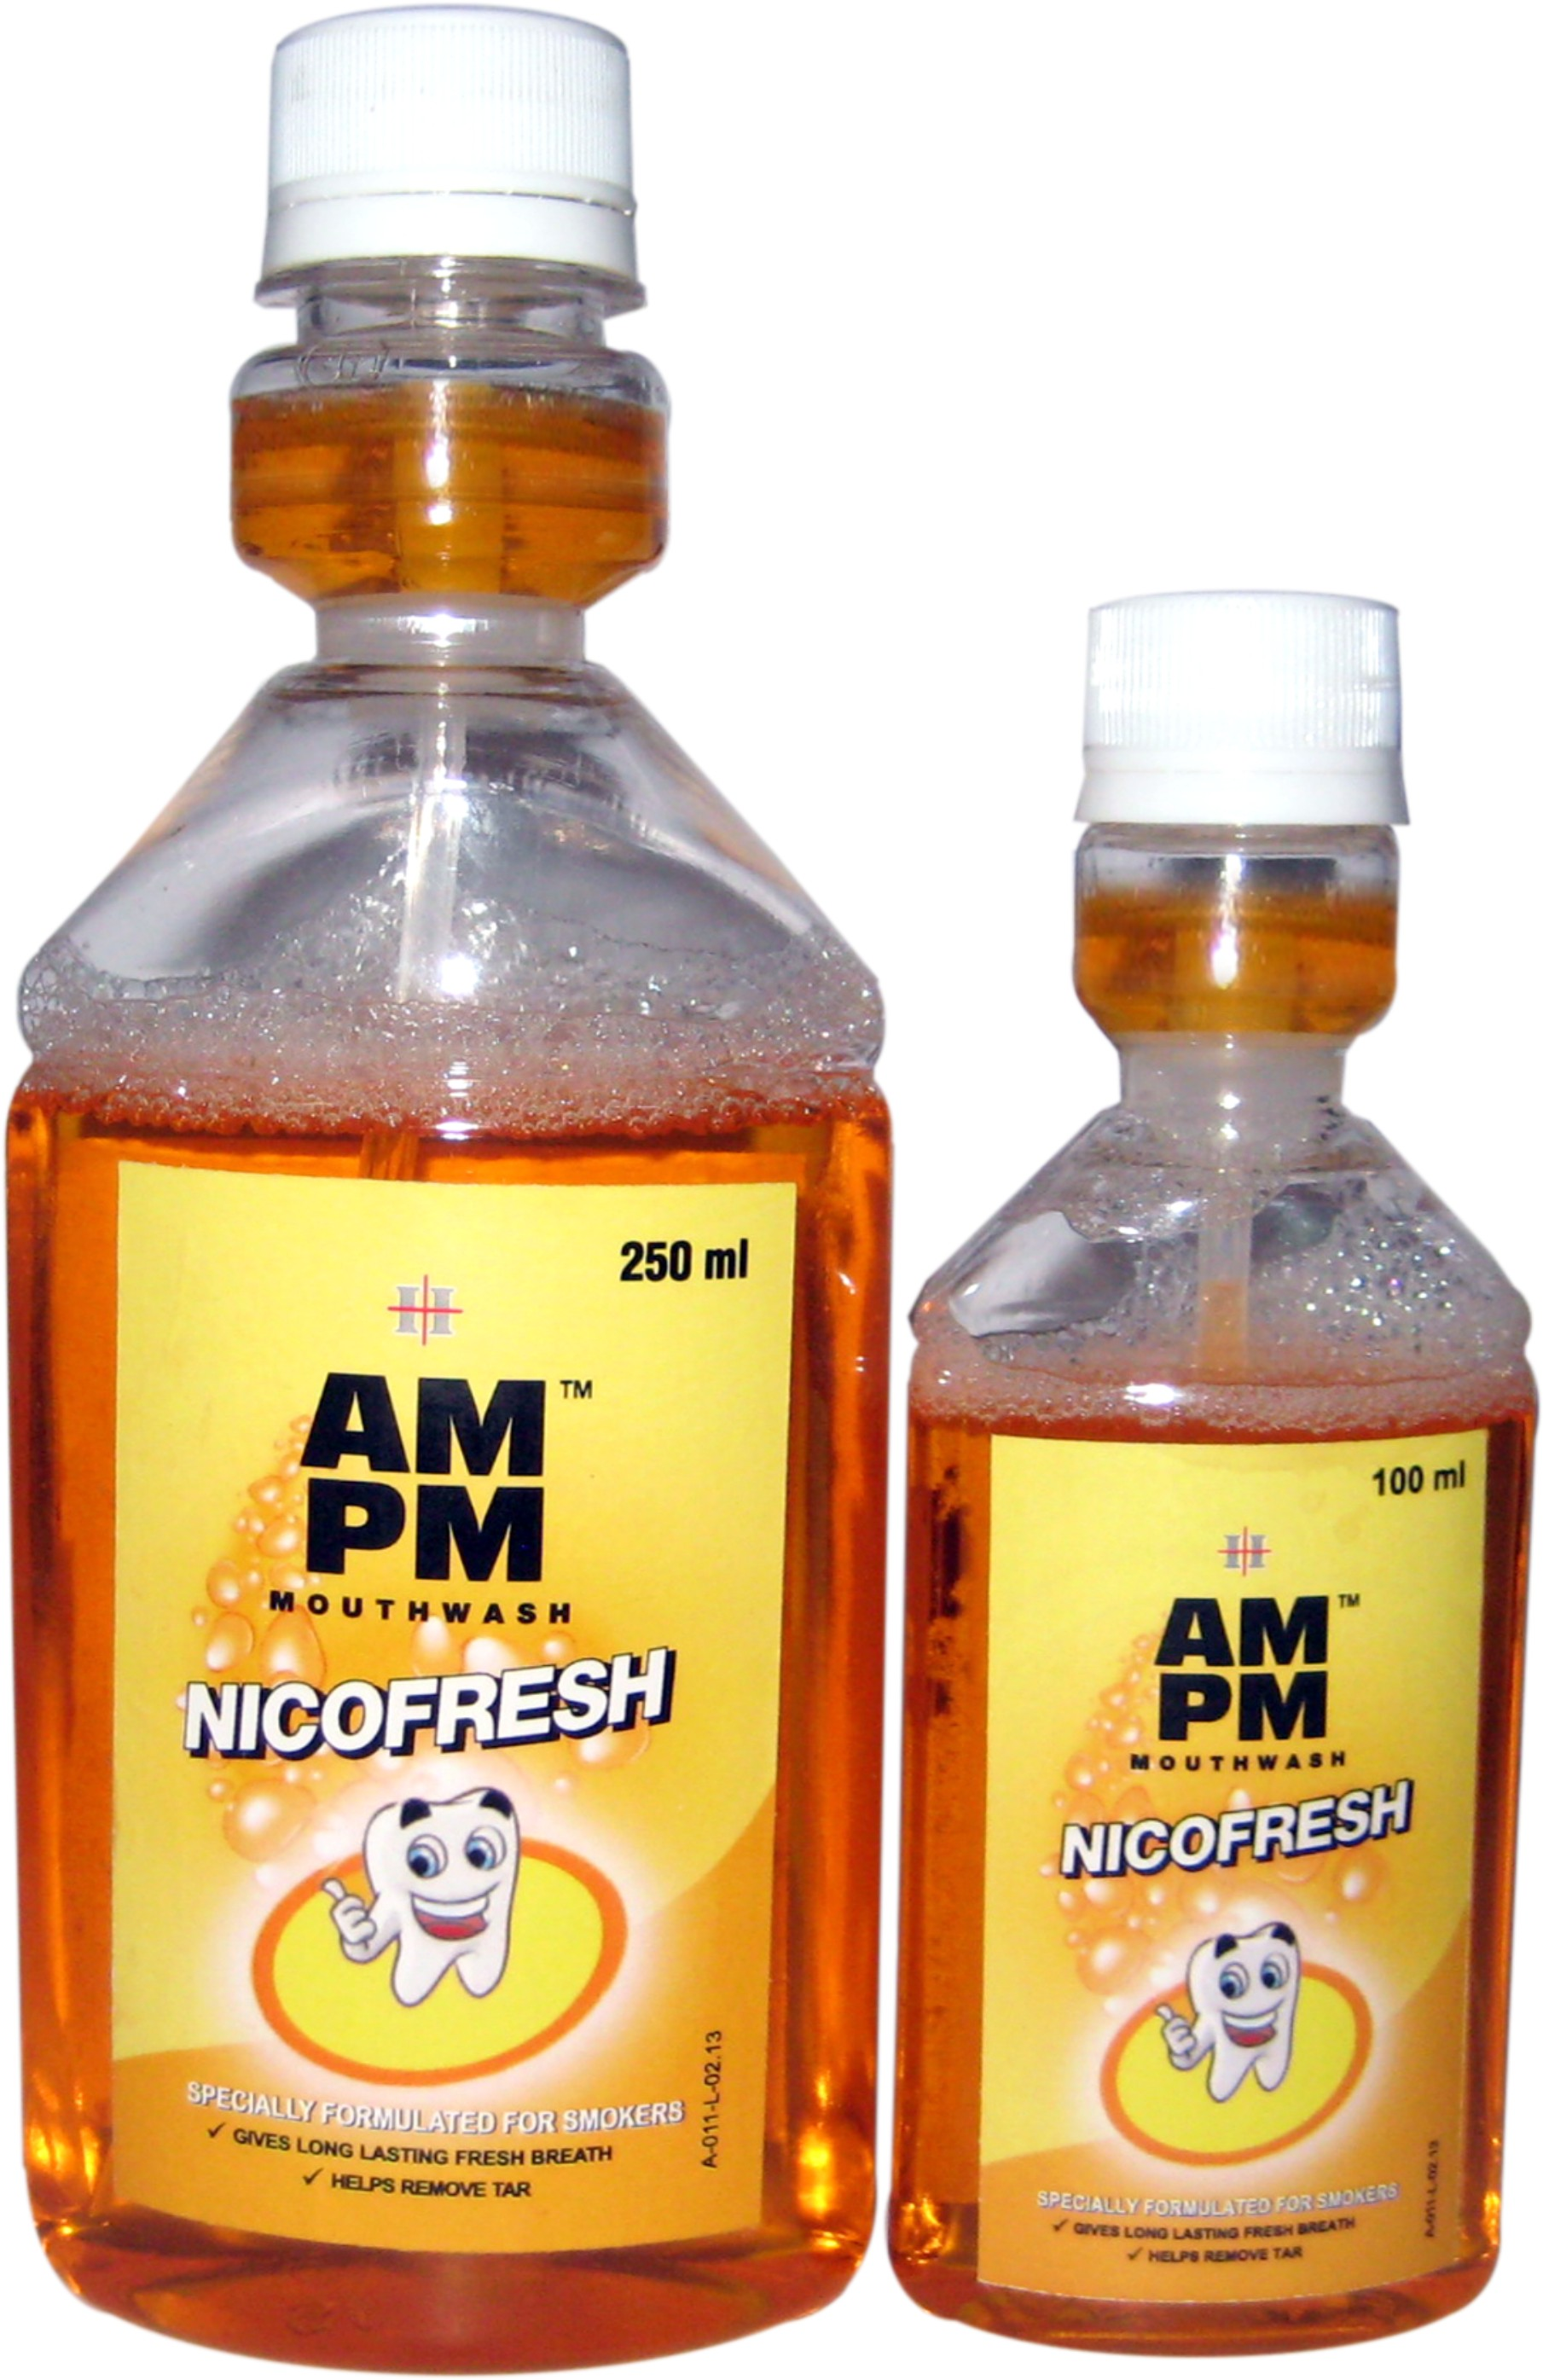 AMPM Mouthwash Image